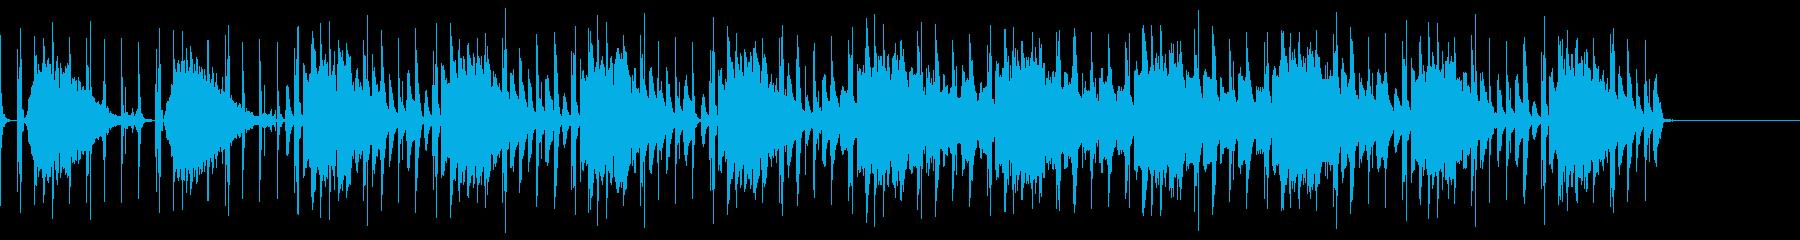 ダウンテンポ 暗めの再生済みの波形